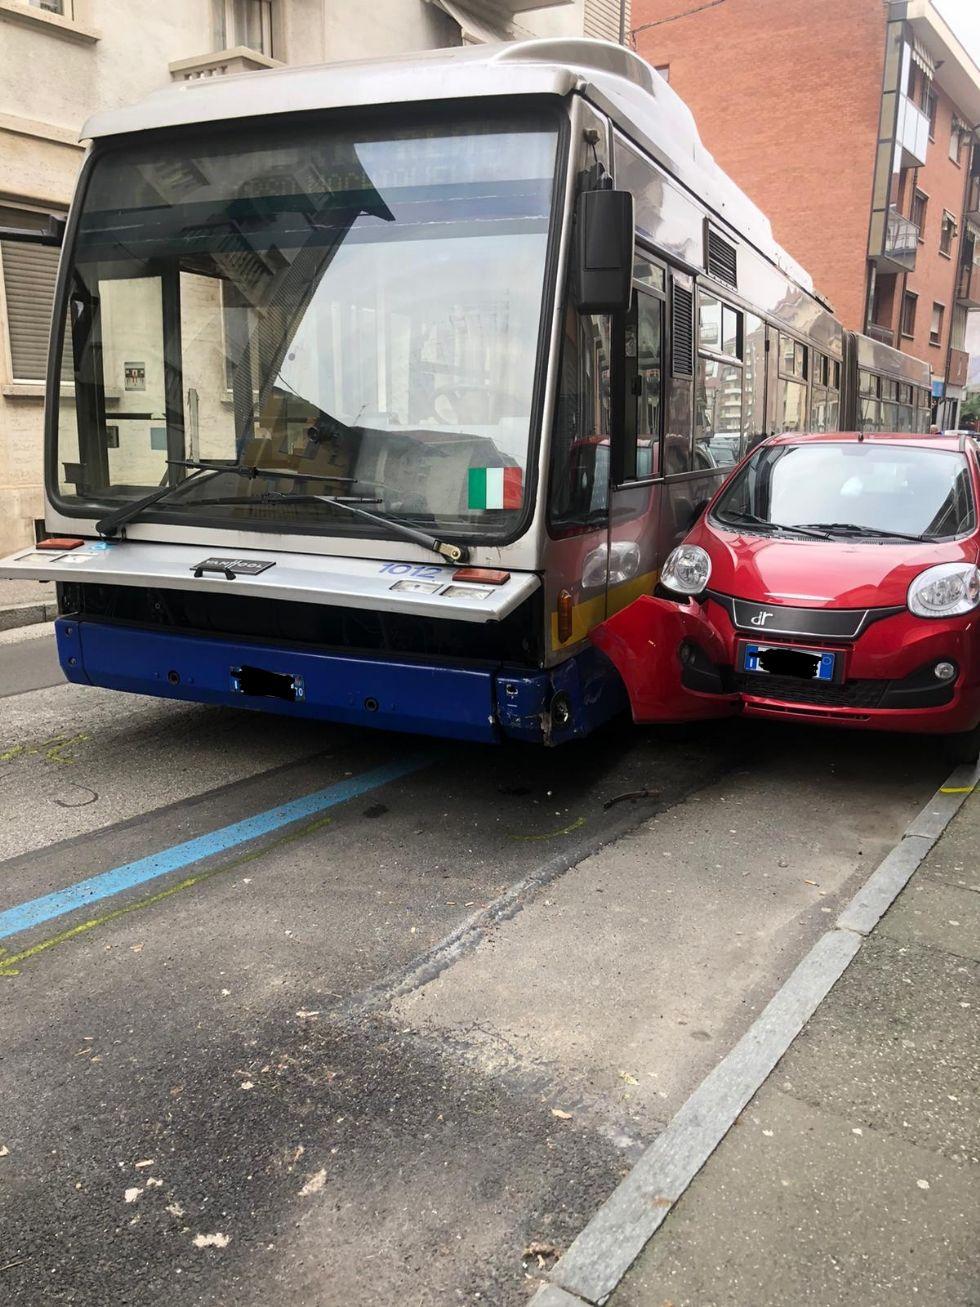 VENARIA - Si rompe lo sterzo dell'autobus, che finisce contro due auto: caos in via Palestro